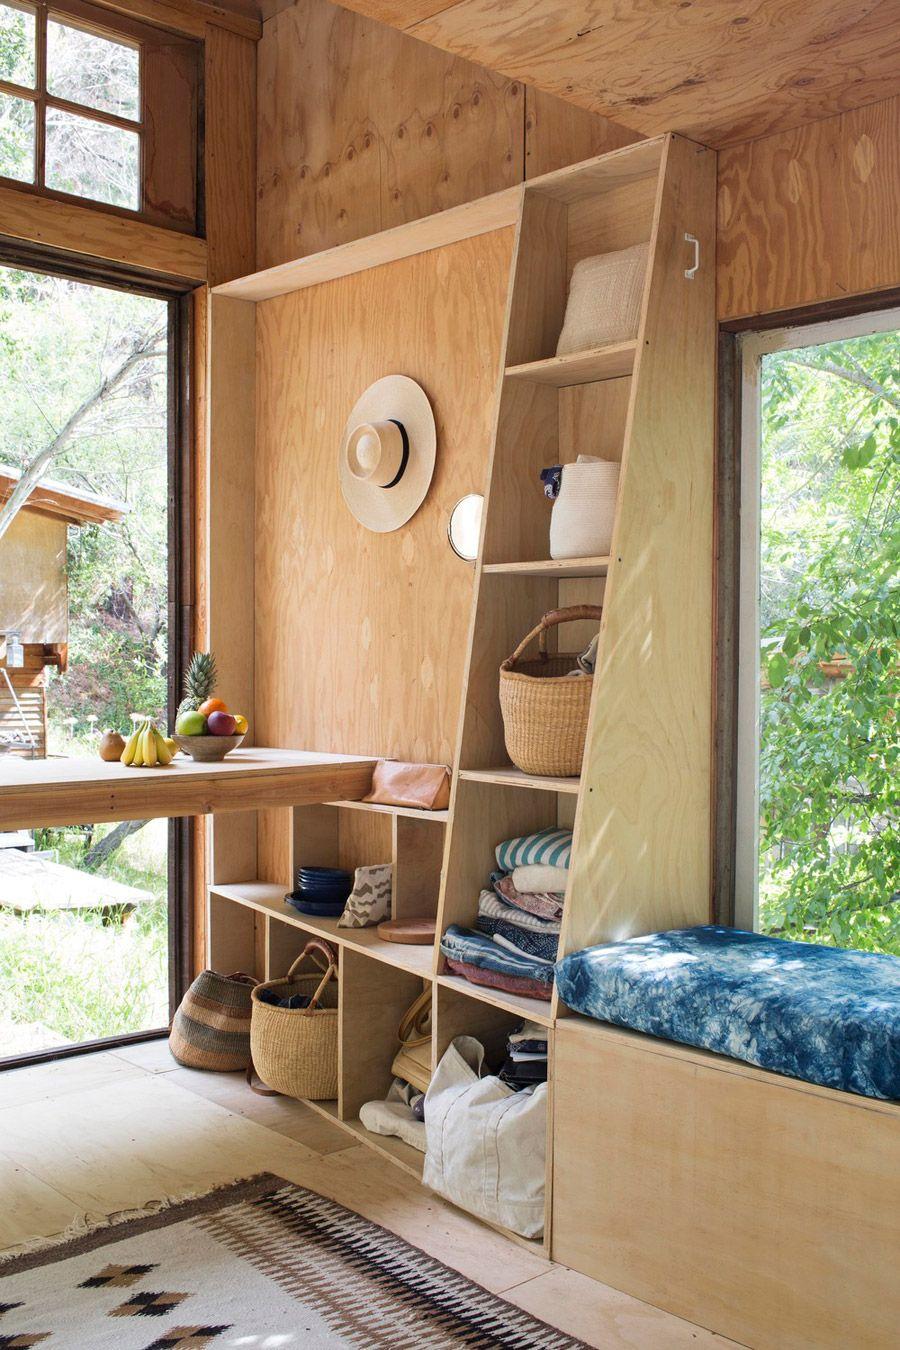 Topanga Cabin Plywood Interior Tiny House Swoon Tiny Cabin